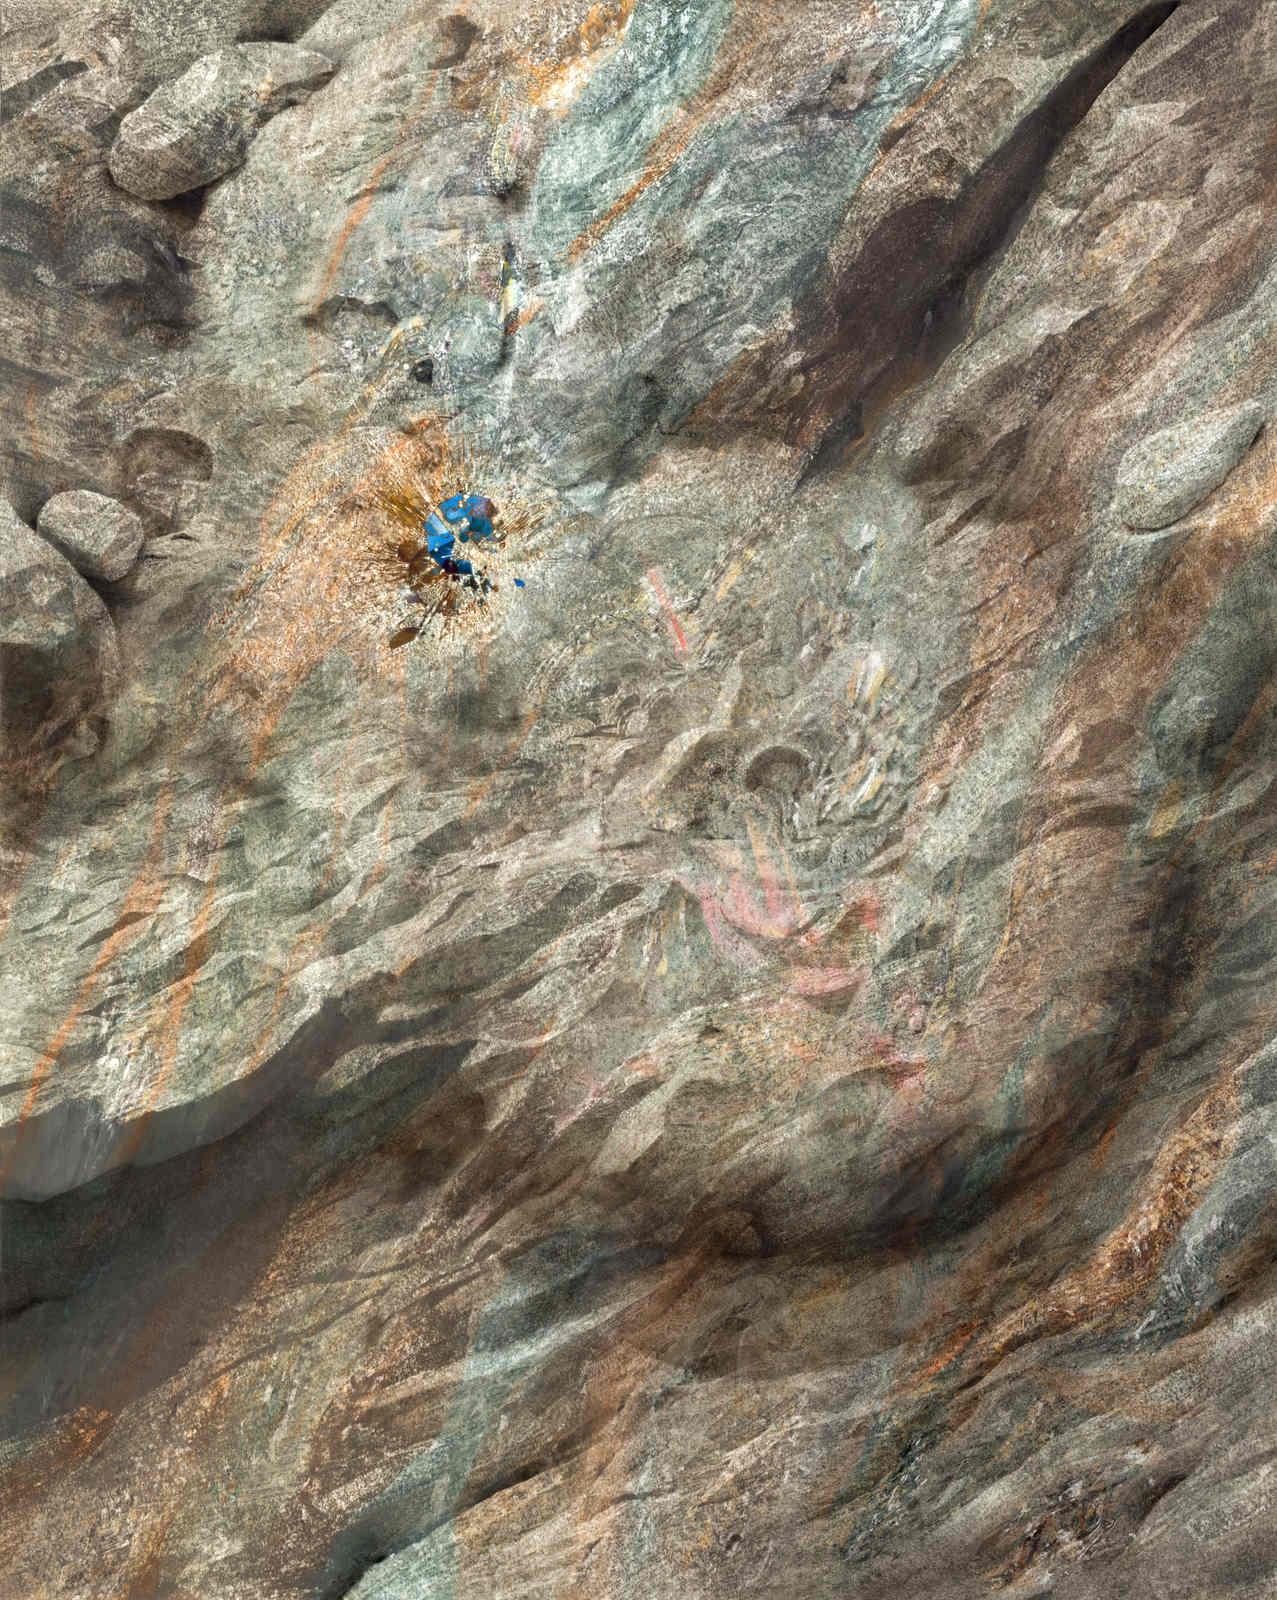 13_Guggisberg, Stefan_Kollision_125 x 100 cm_2015_oil on paper